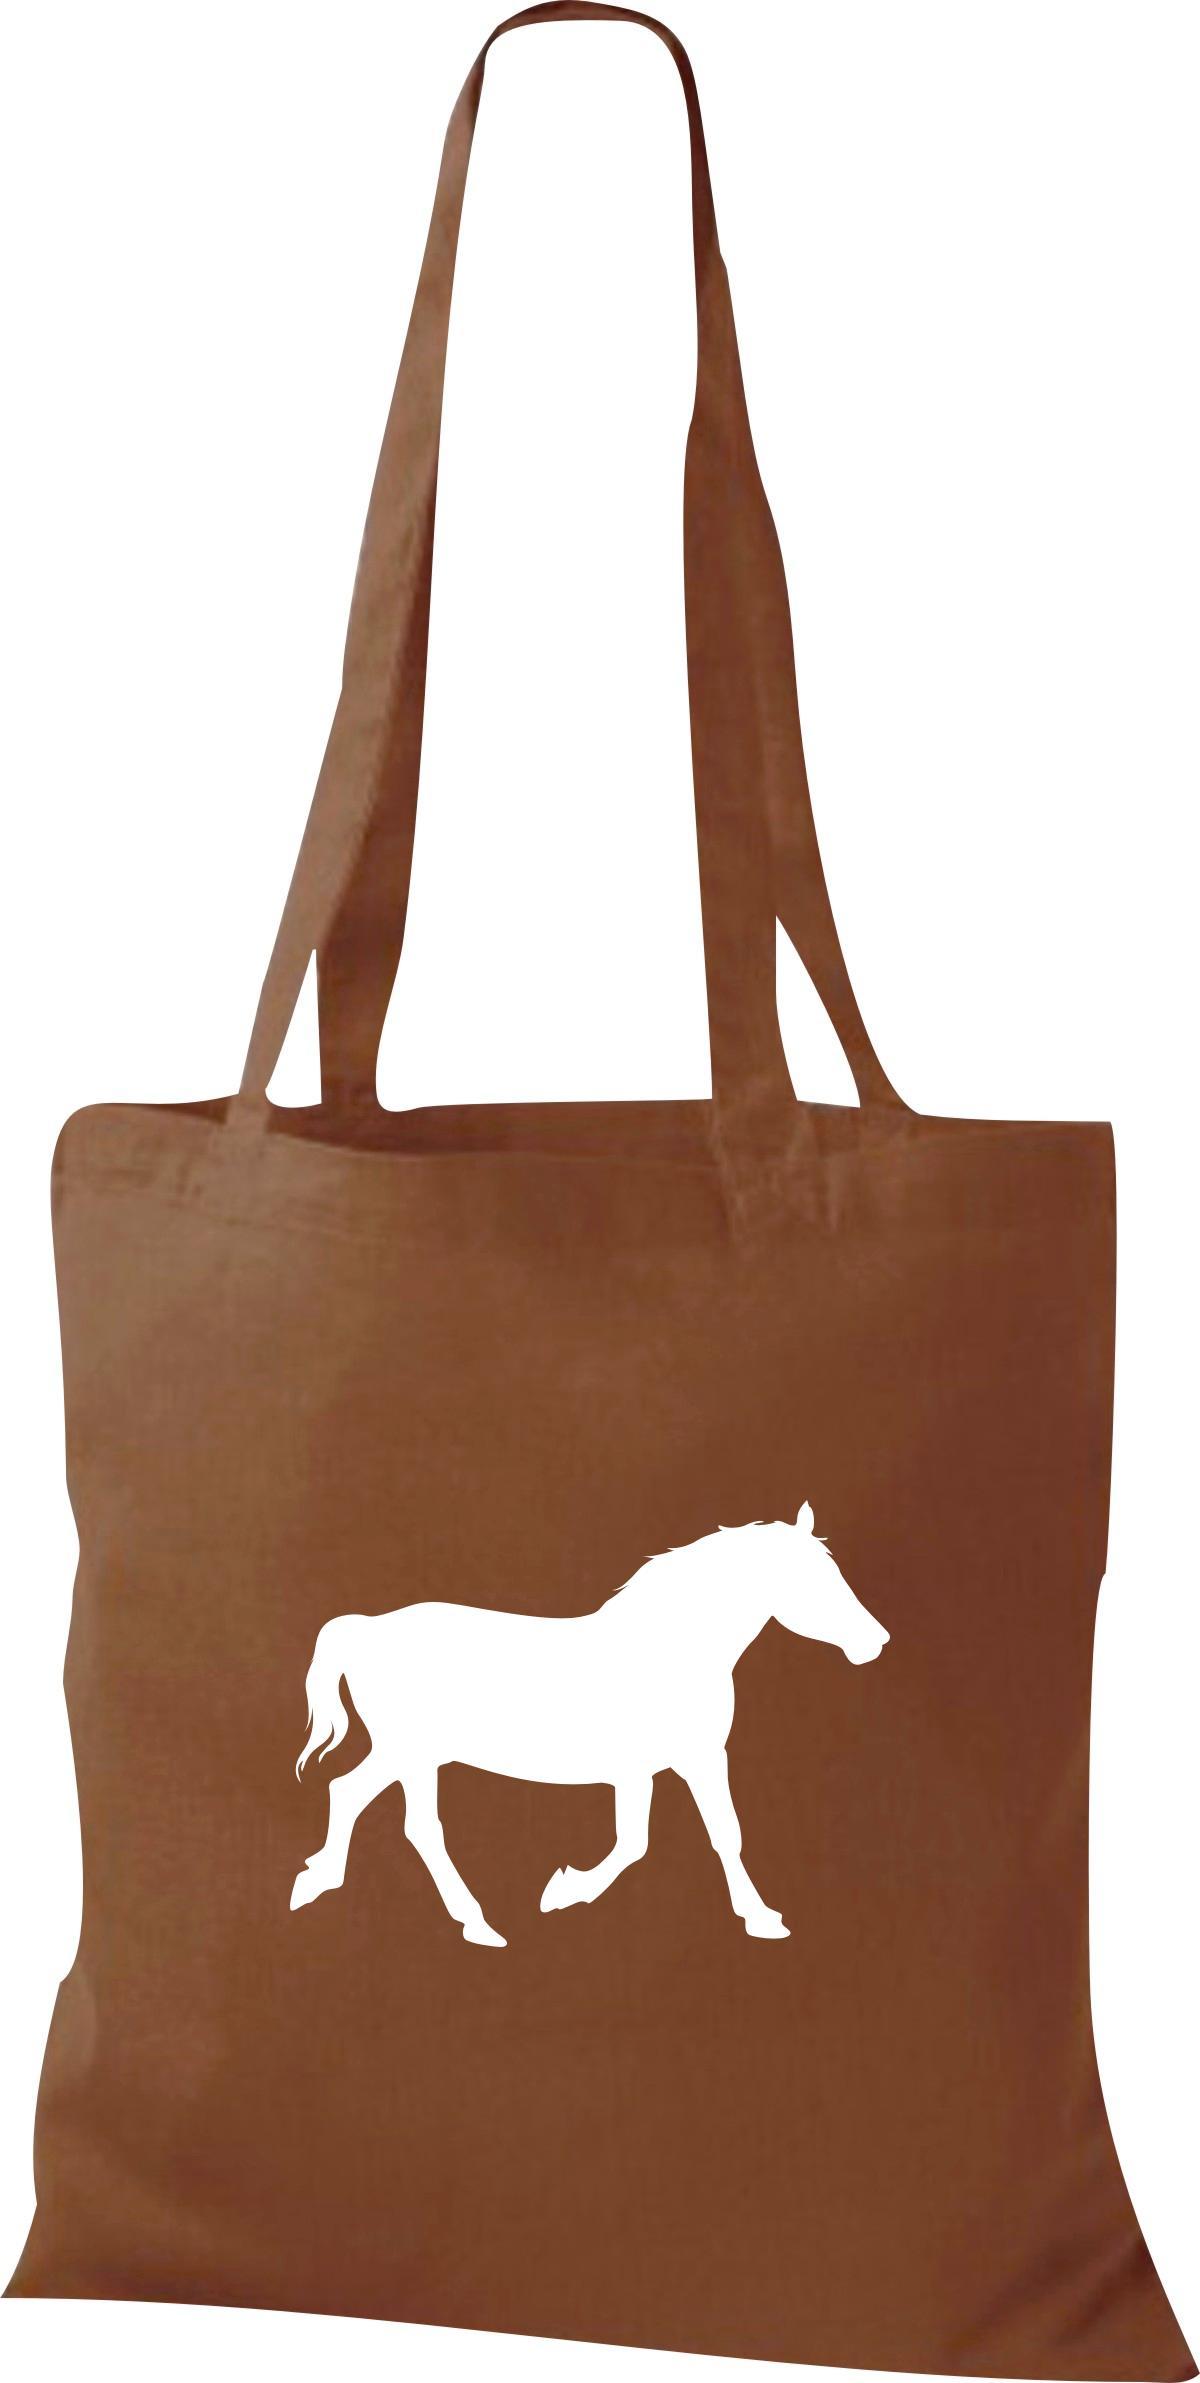 Stoffbeutel lustige Tiermotive, Pferd, Pony Kult Baumwolltasche viele Farben